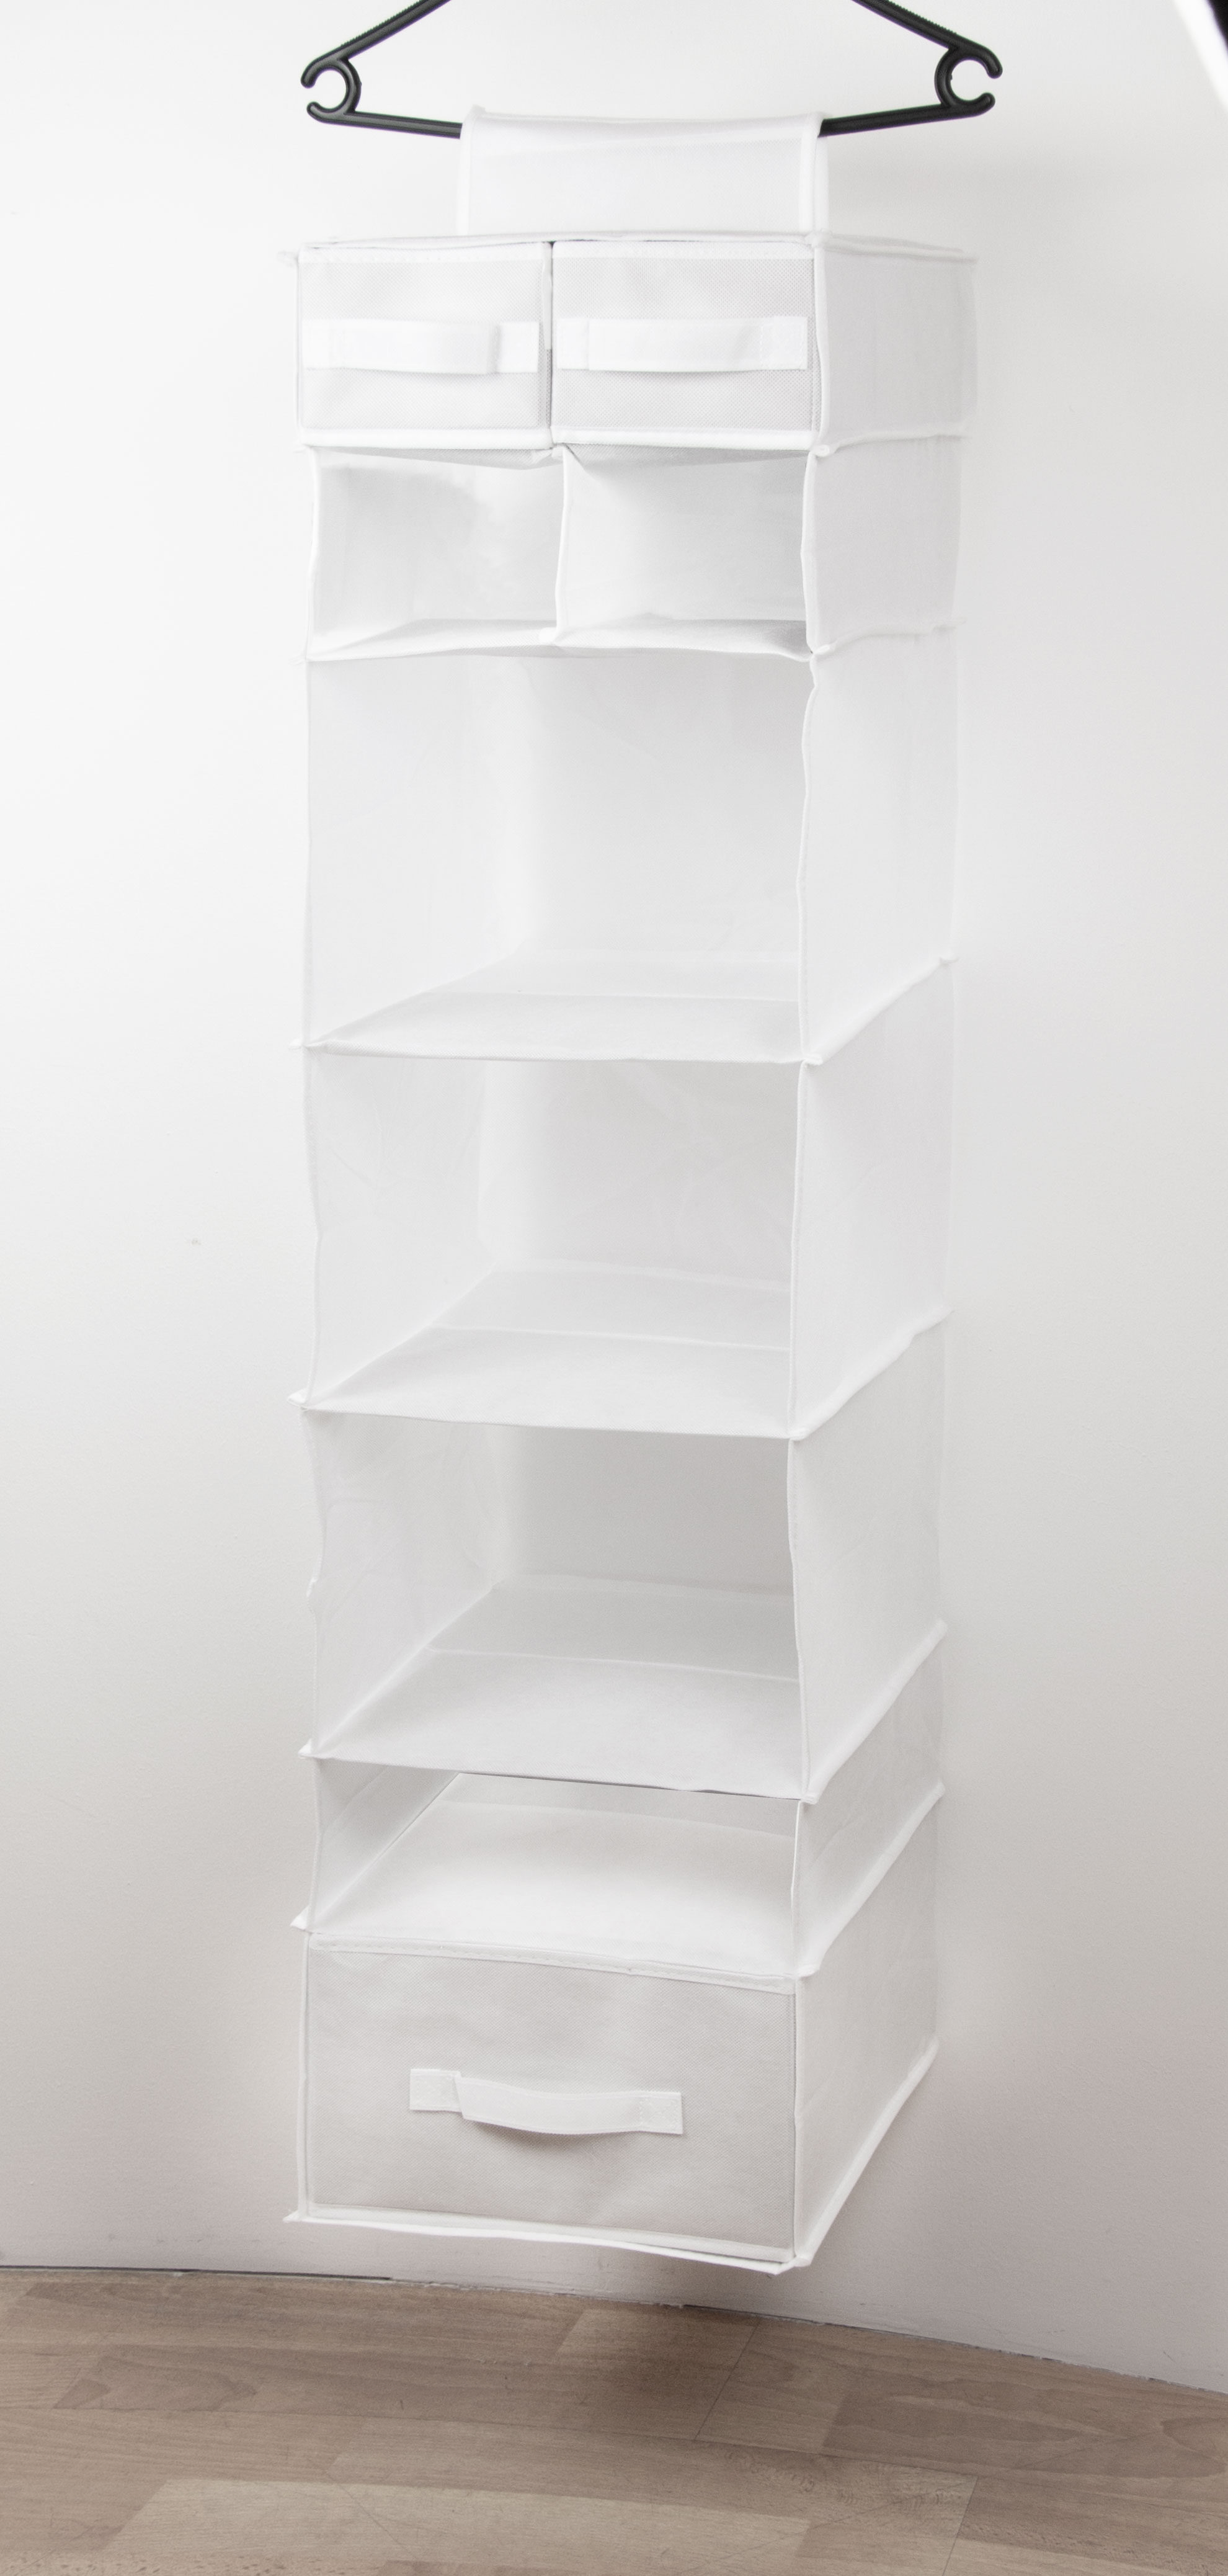 Hängeregal Kleiderschrank, 30x30x15 cm, weiß